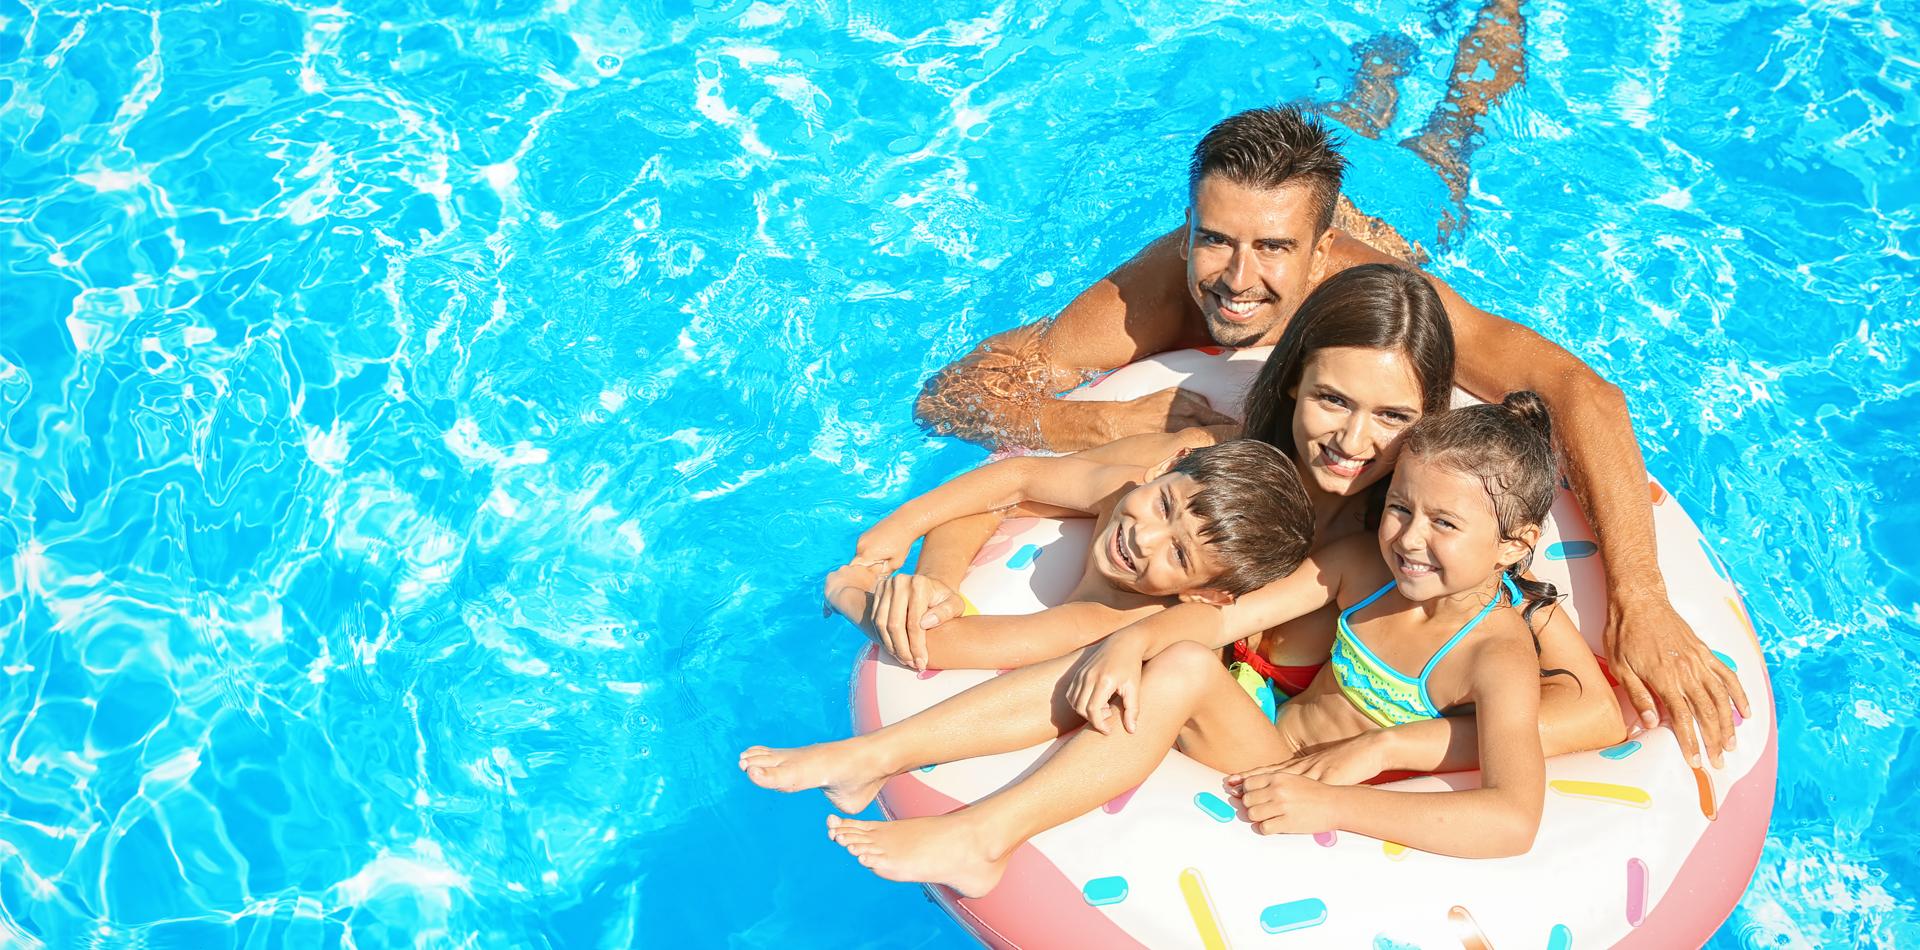 Familie hat Badespaß im Swimmingpool Holz